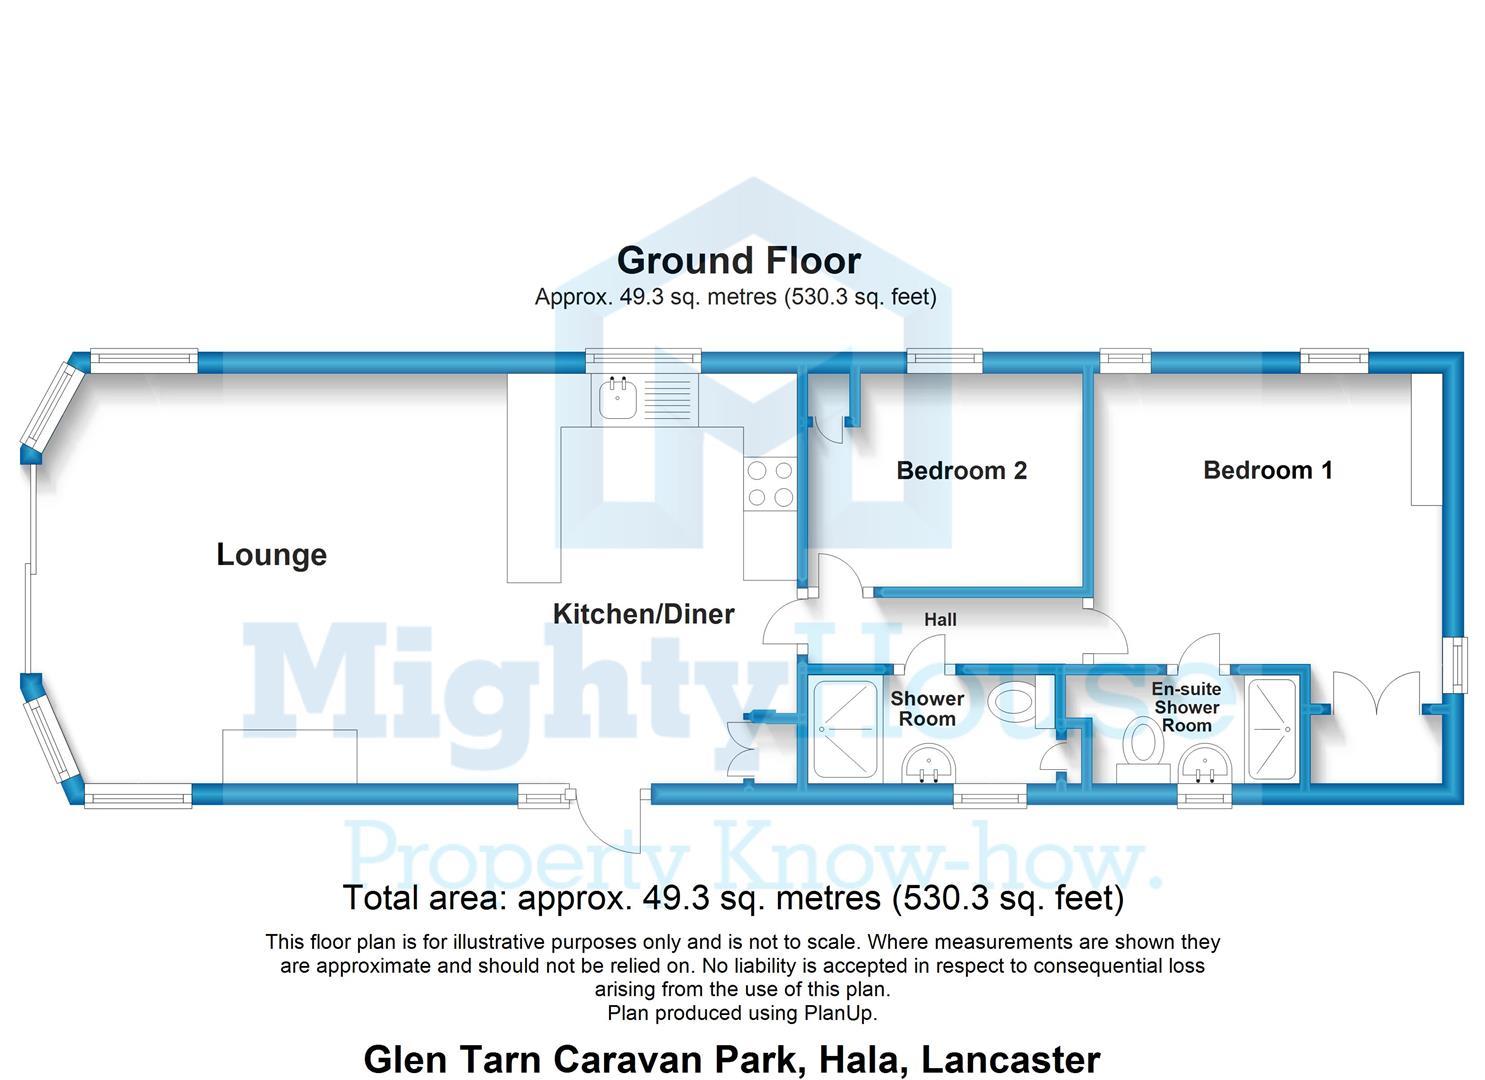 Glen Tarn Caravan Park, Hala, Lancaster - 2D.JPG